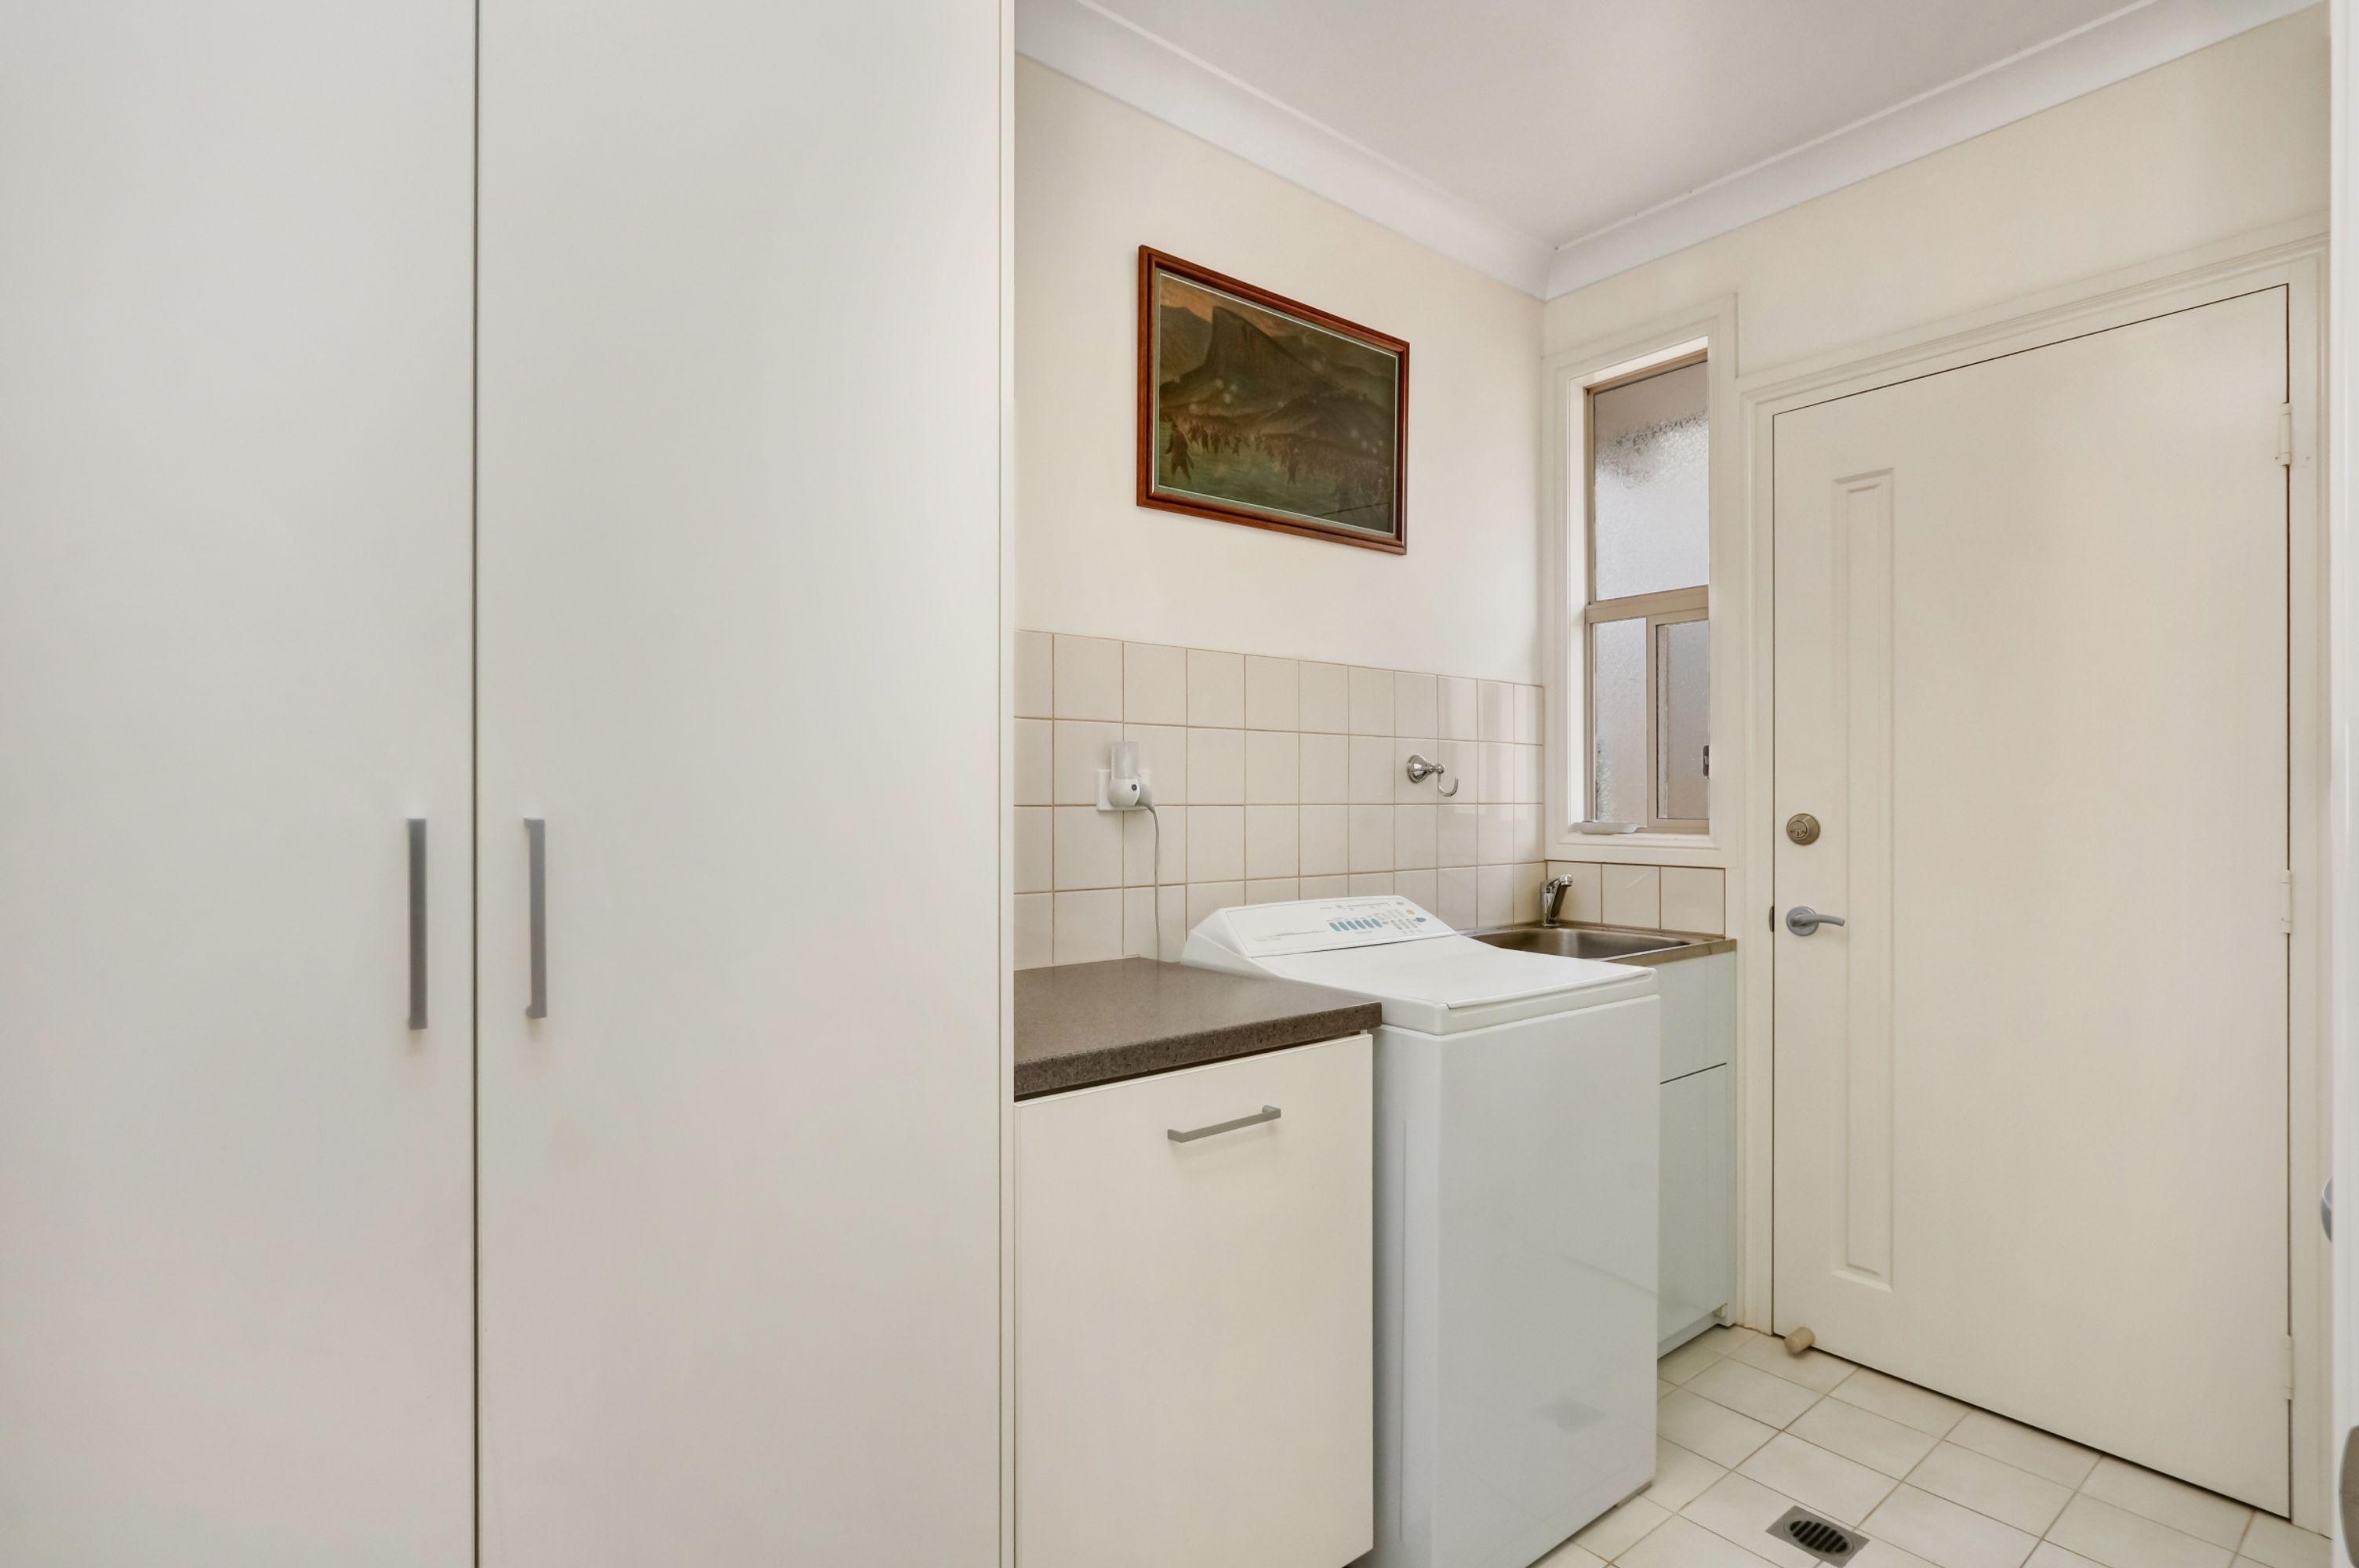 4/175 Cummins Street, Broken Hill, NSW 2880